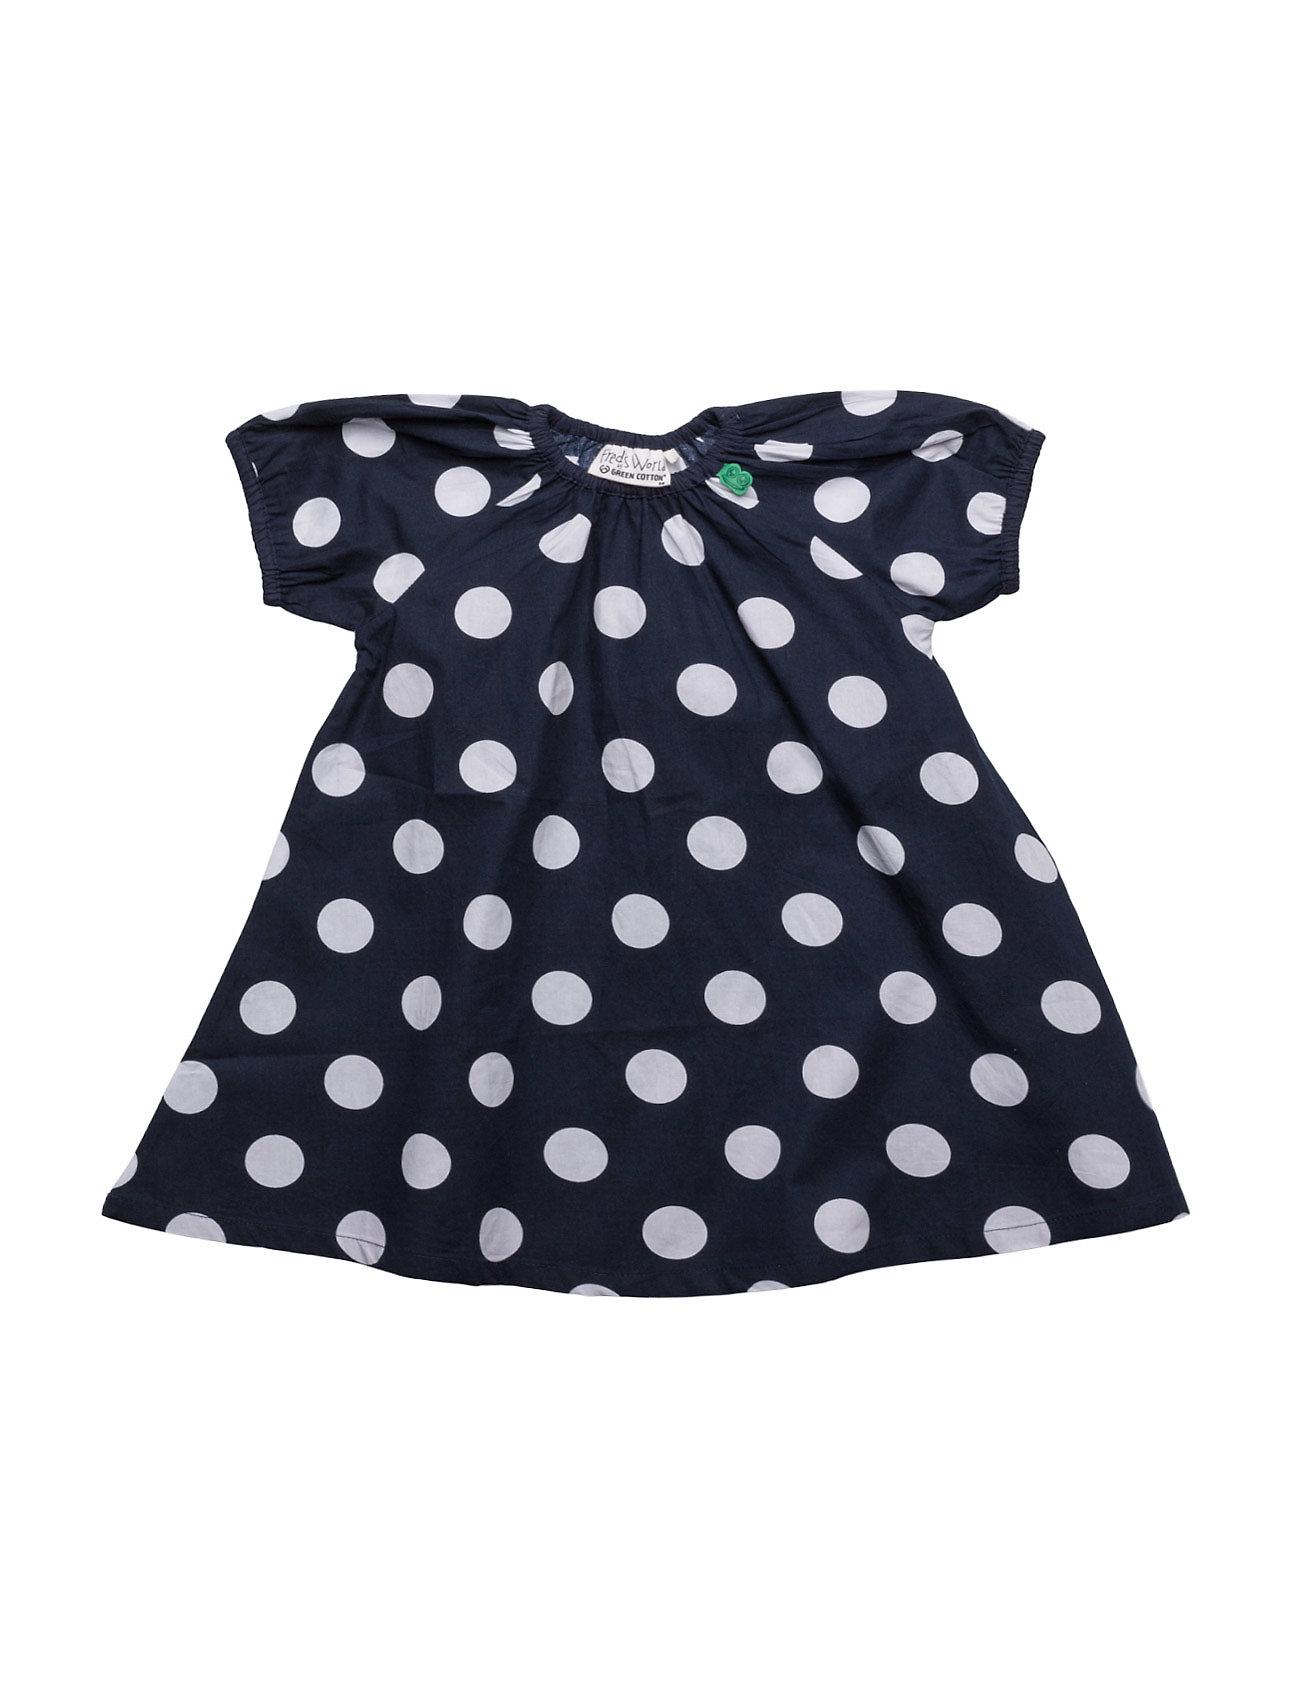 Spot Poplin Dress Baby Freds World Kjoler & Nederdele til Piger i Navy blå